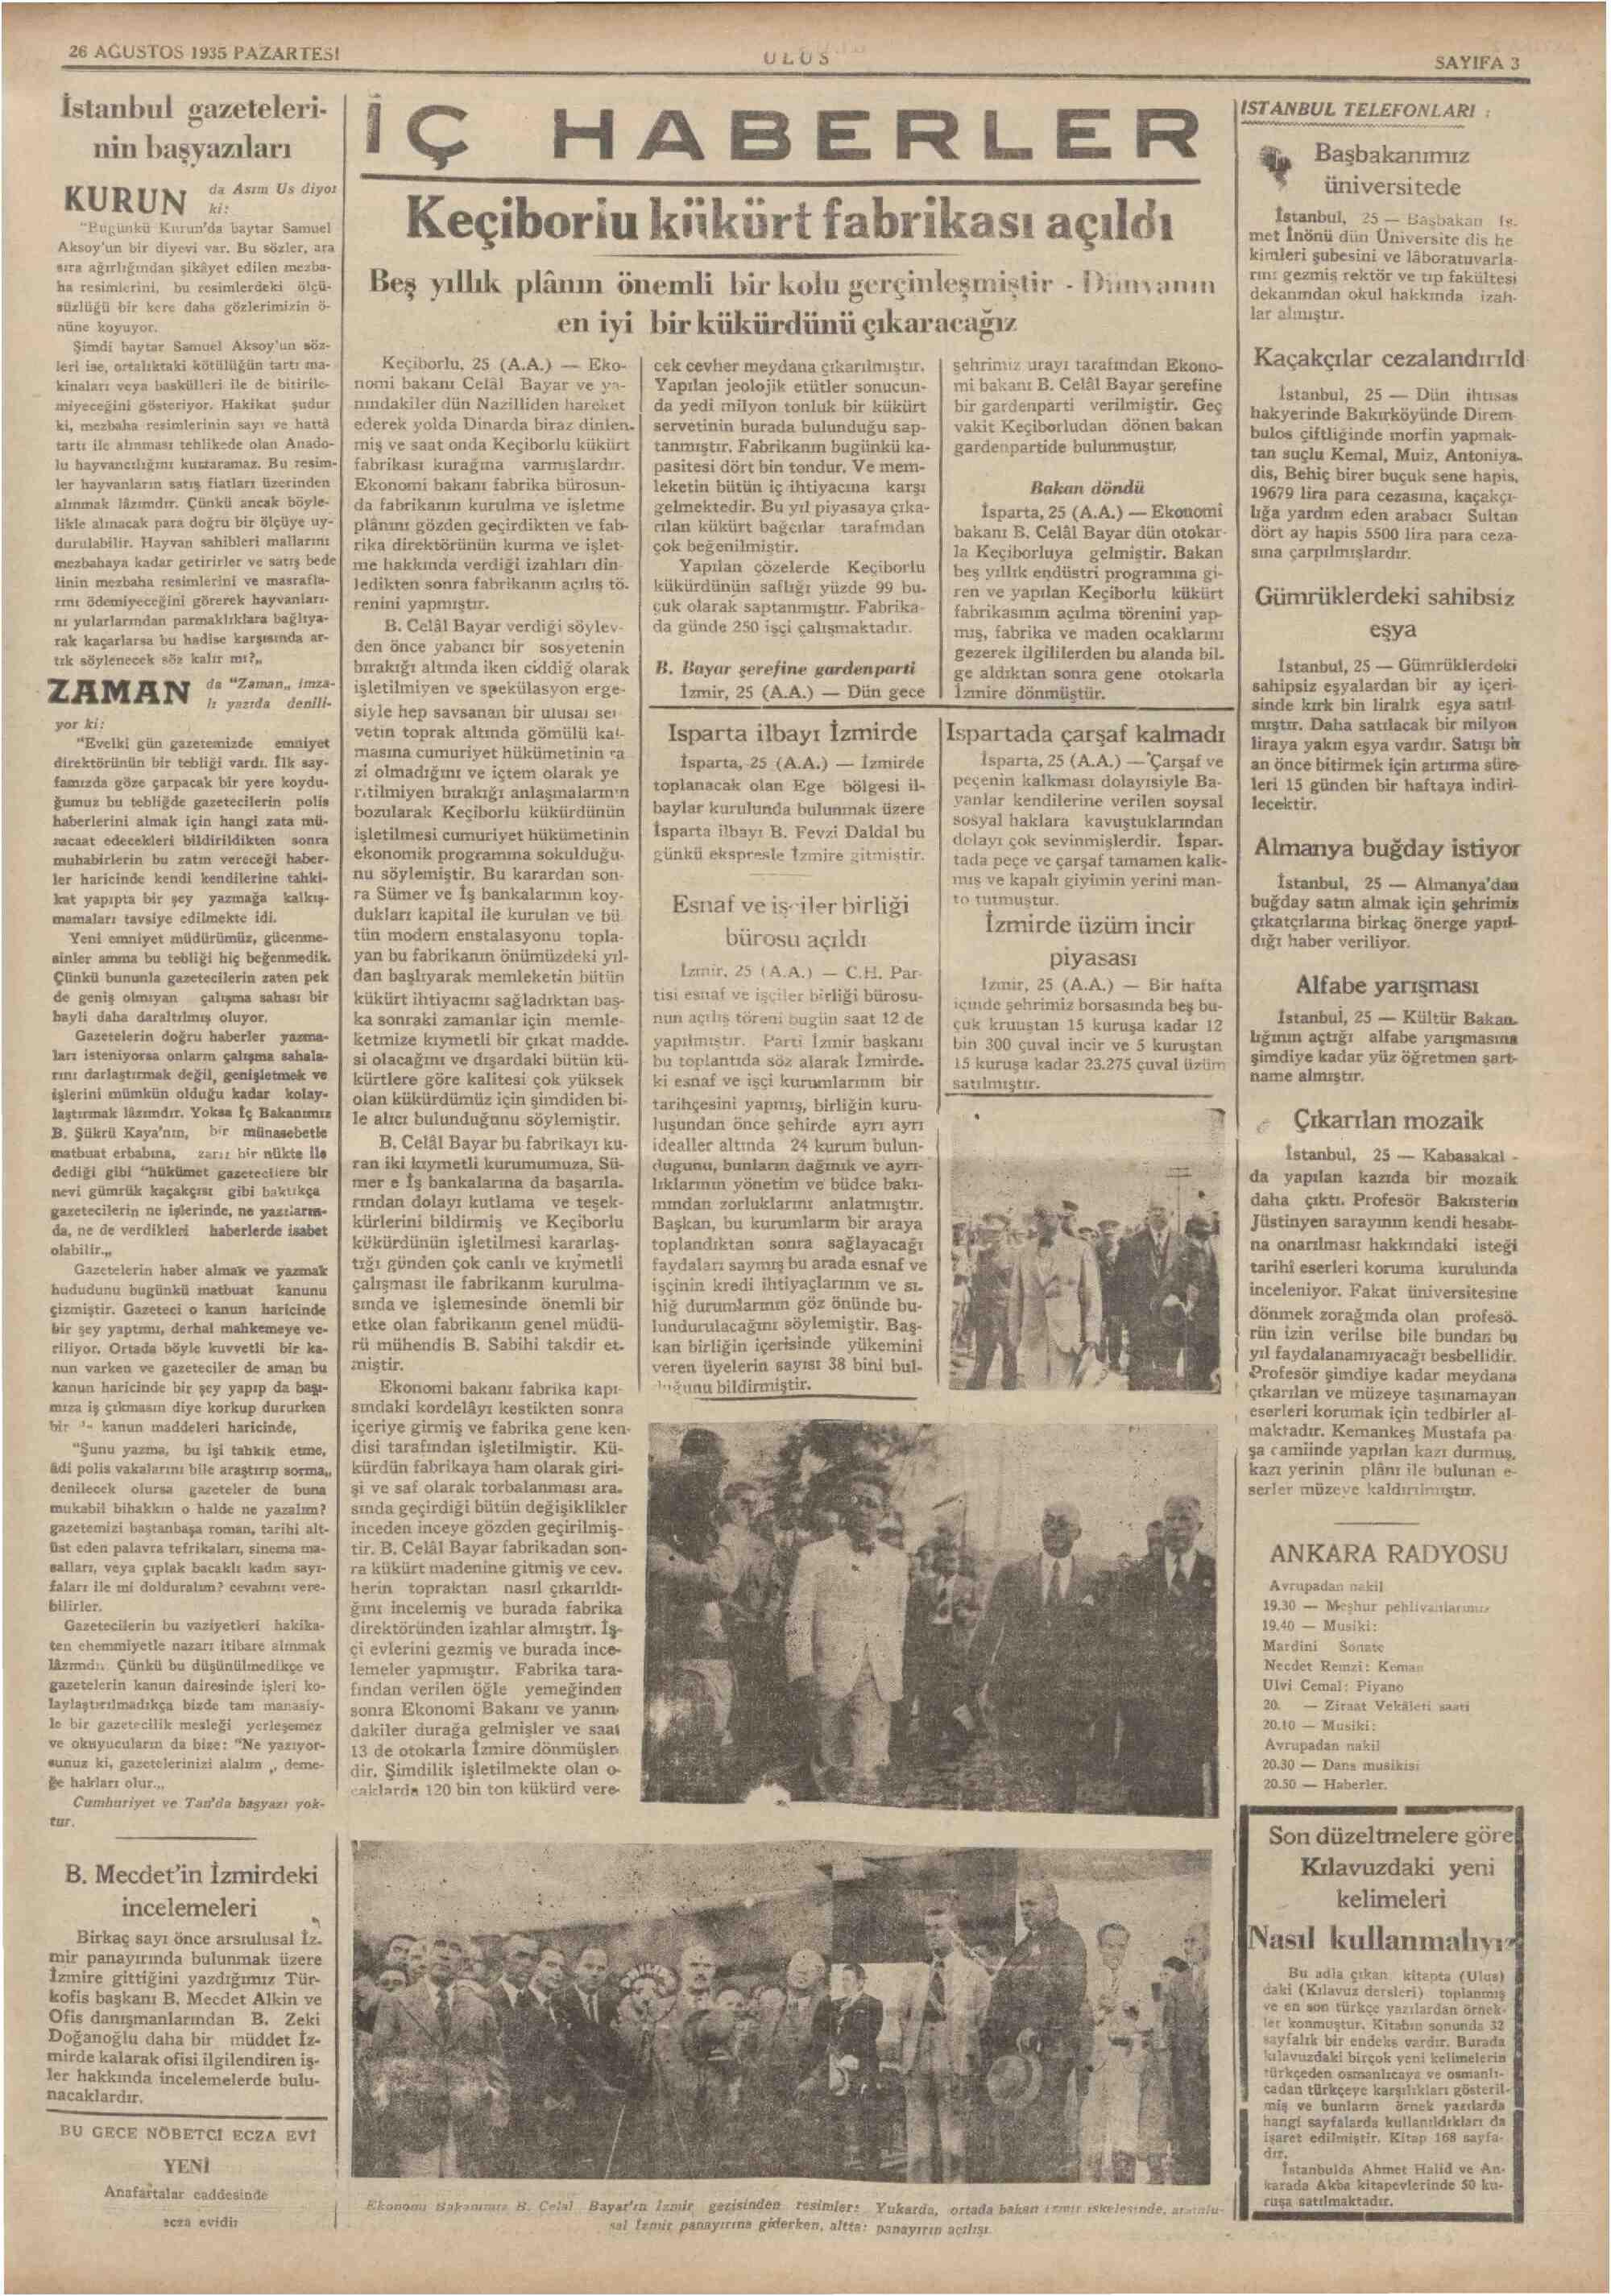 26 Ağustos 1935 Tarihli Ulus Gazetesi Sayfa 3